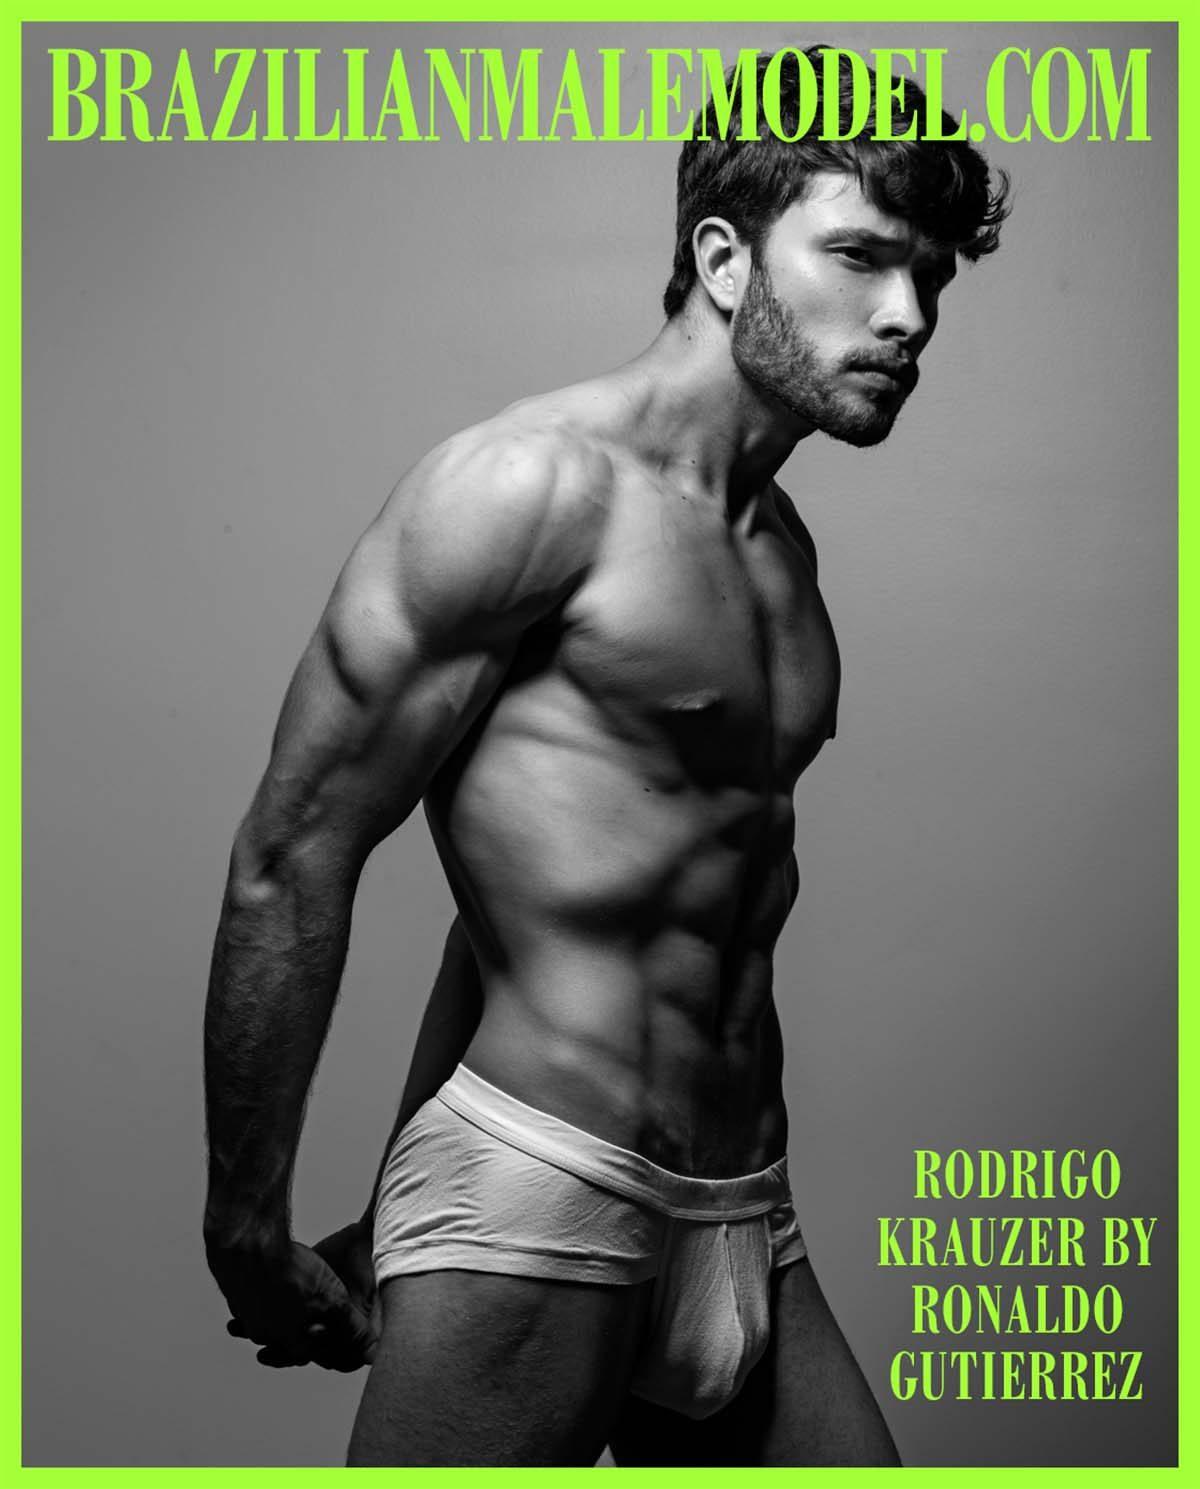 Rodrigo Krauzer by Ronaldo Gutierrez